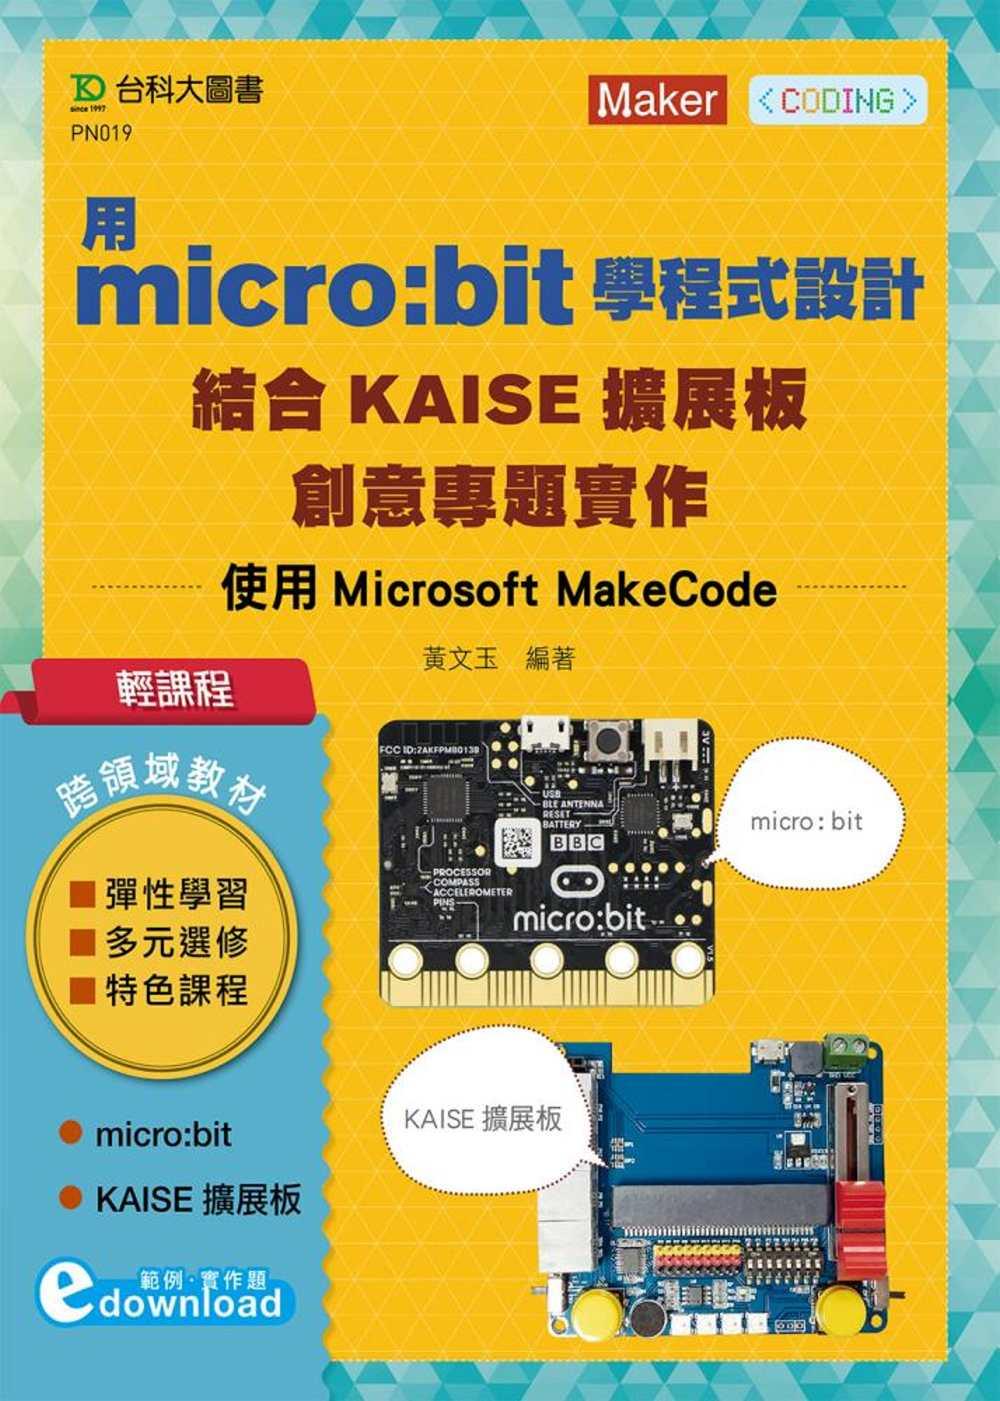 輕課程 用micro:bit學程式設計結合KAISE擴展板創意專題實作:使用Microsoft MakeCode